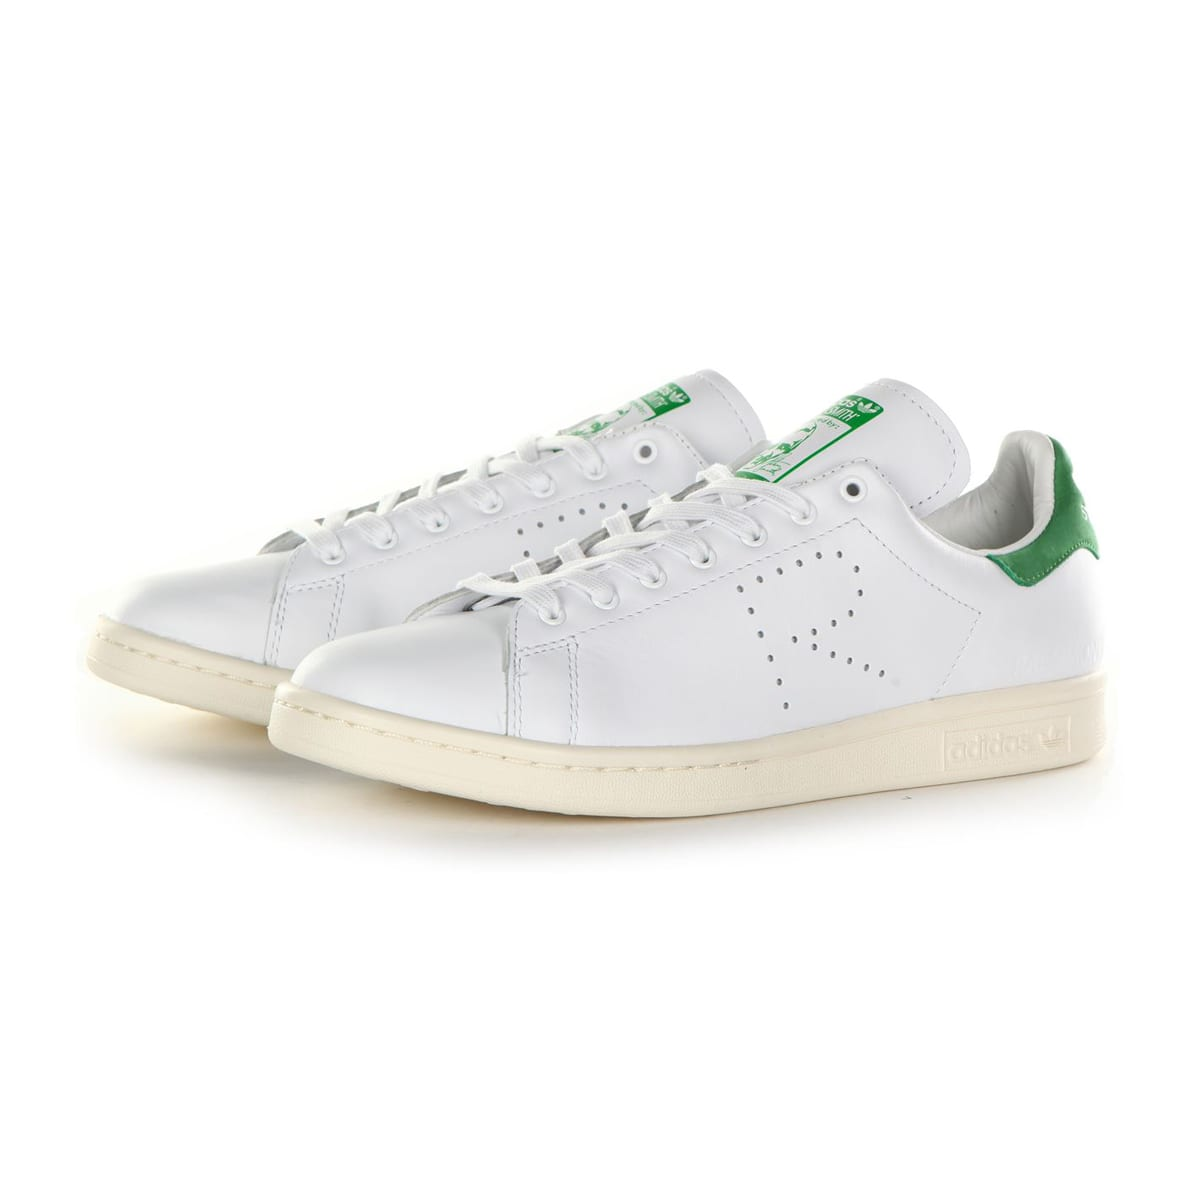 Adidas Originals x Raf Simons - White Stan Smiths